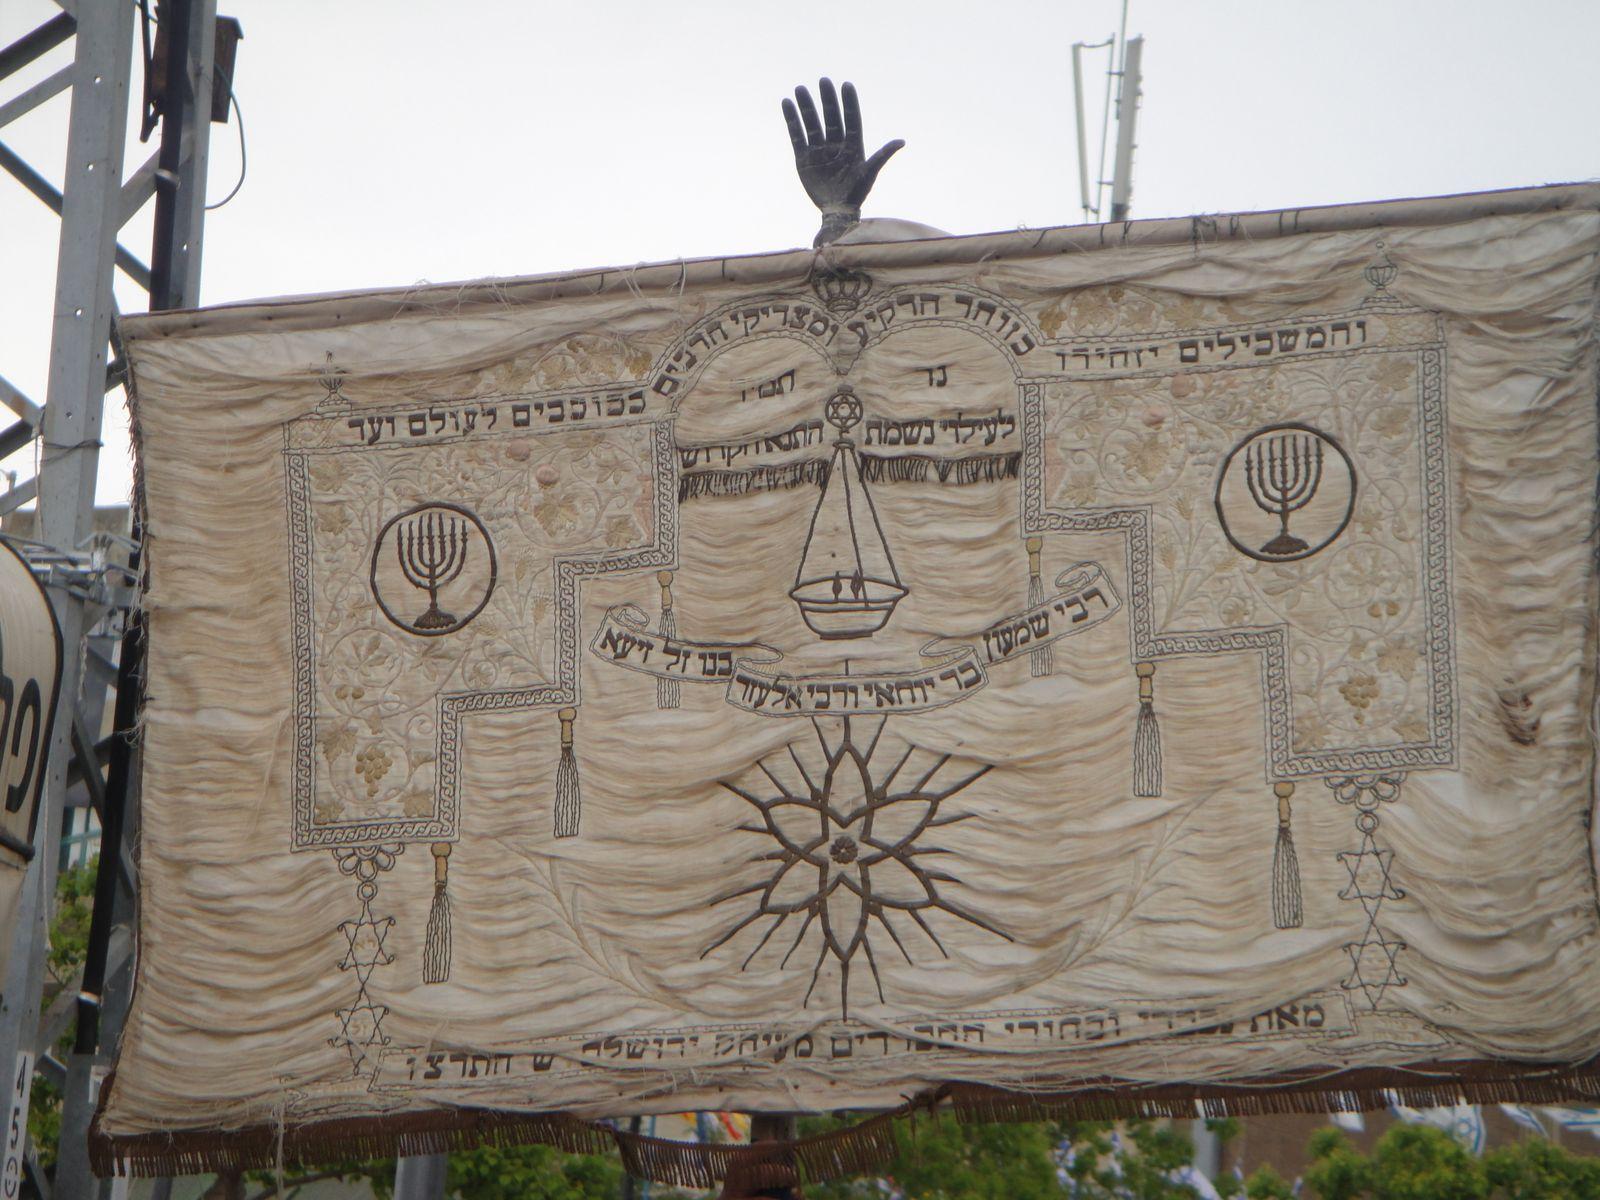 הדגל המוביל את התהלוכה מבית עבו למירון ובראשו - החמסה